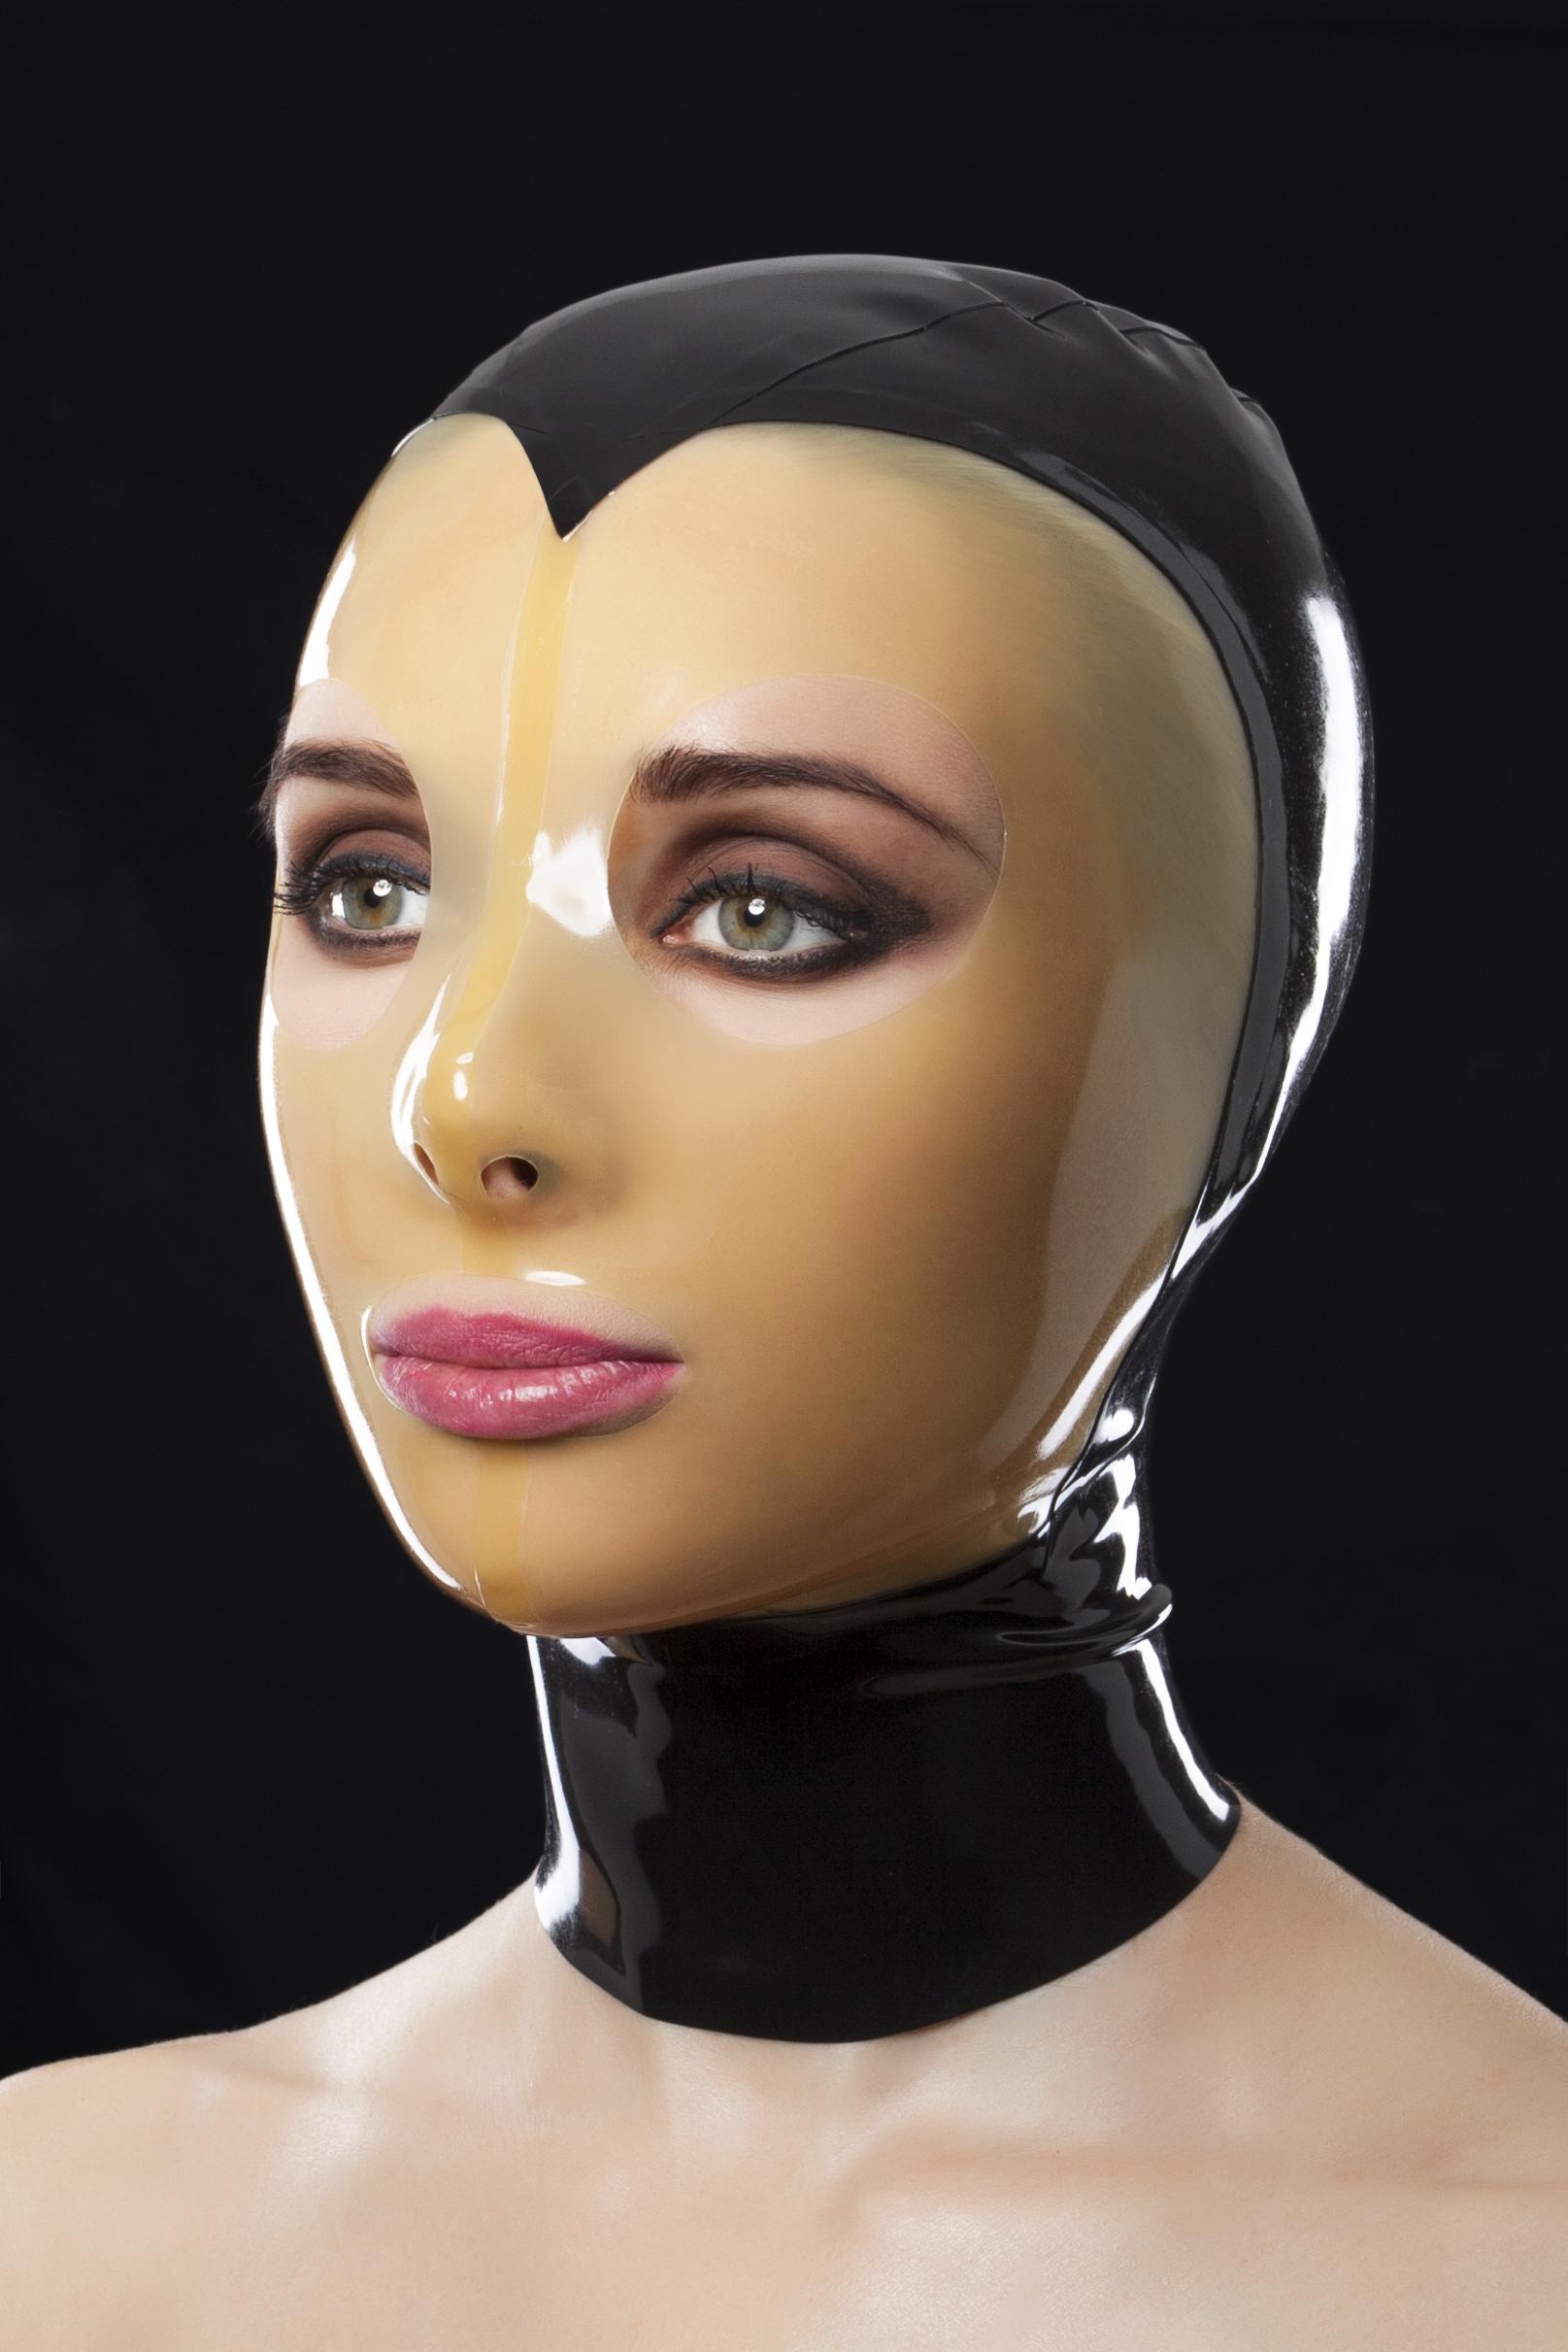 Маска из прозрачного латекса с молнией сзади и вырезами для рта и глаз Transparent Latex Mask With Z